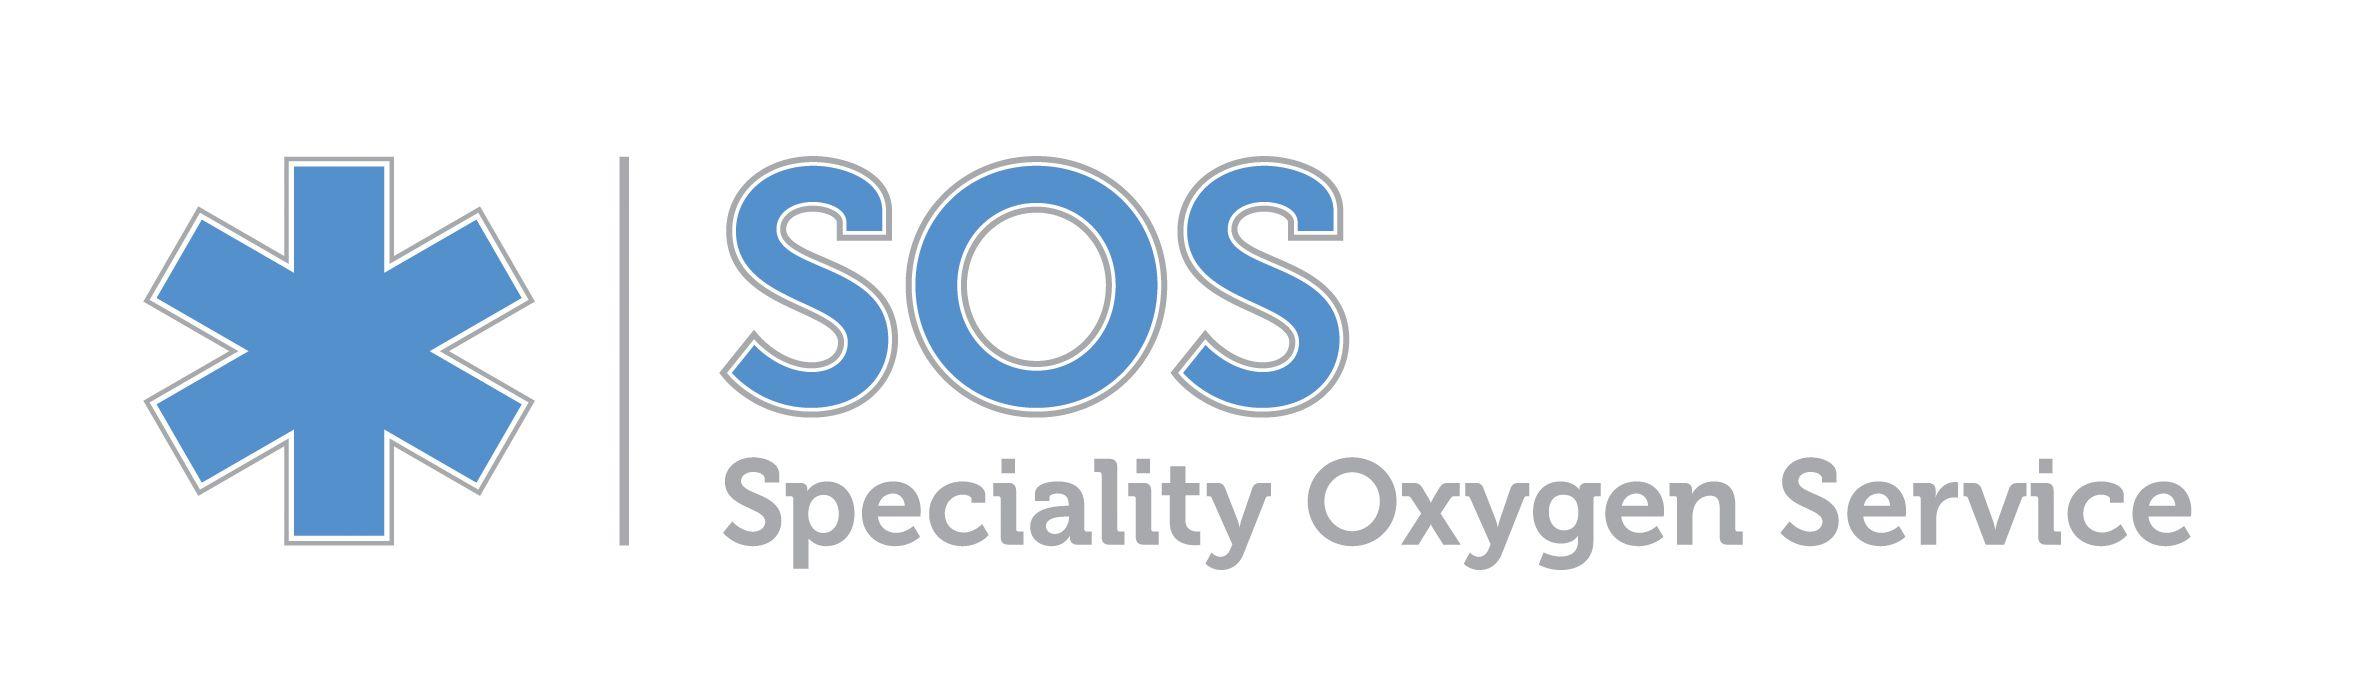 Speciality Oxygen Service